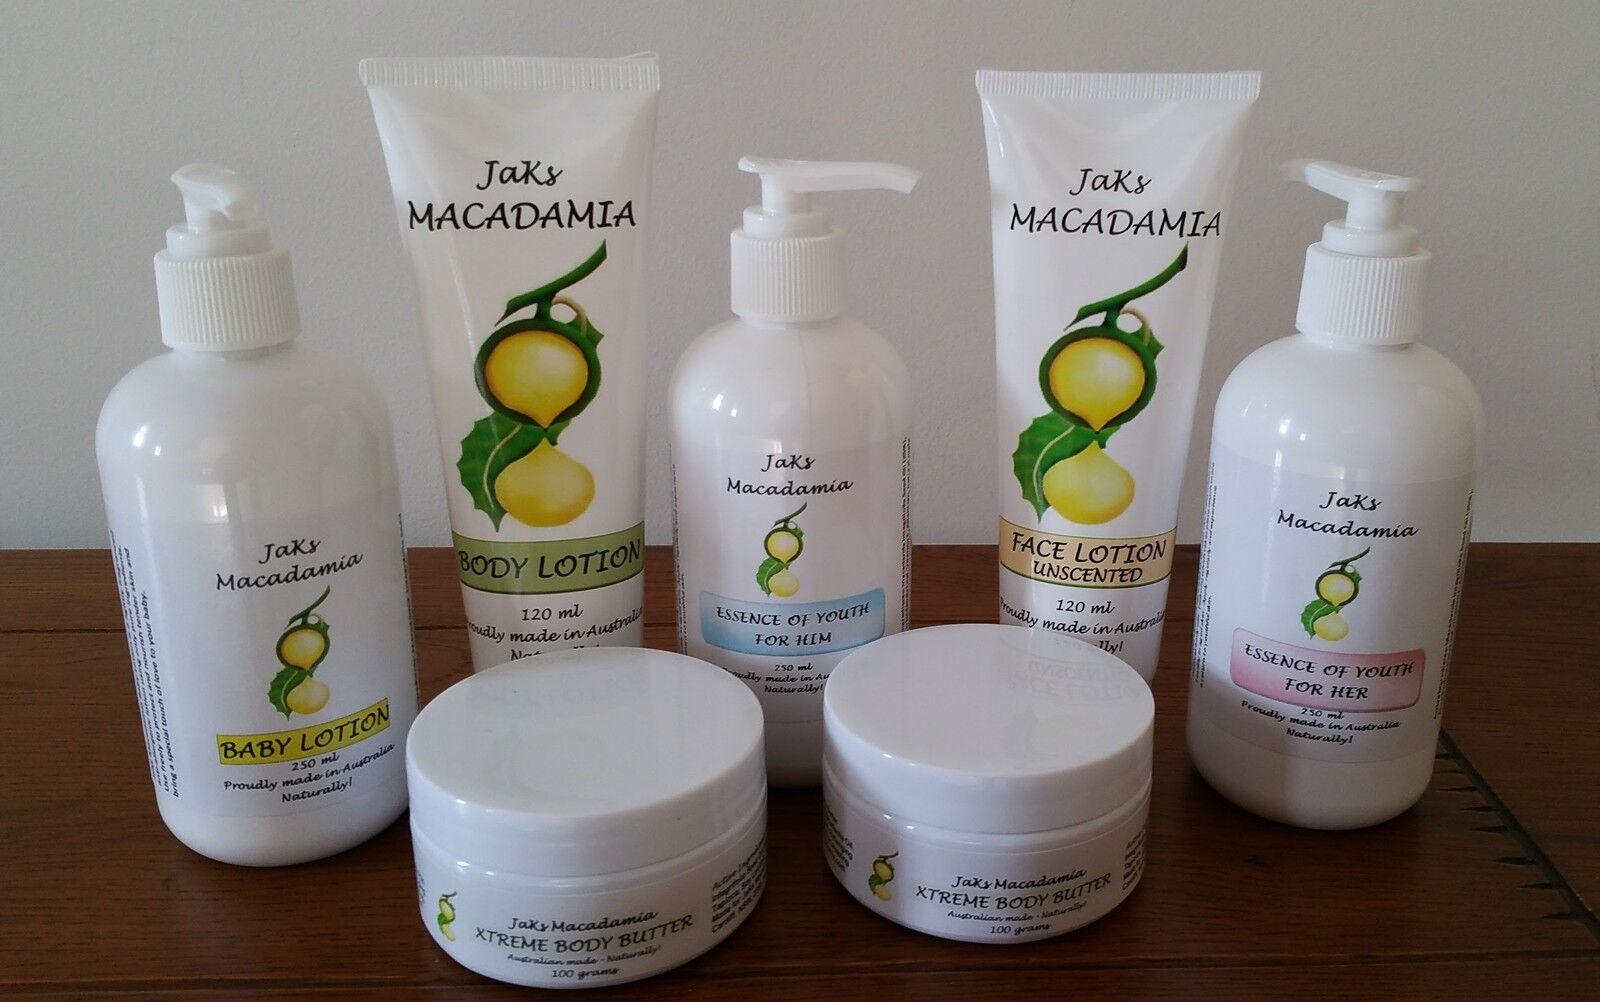 JaKs Macadamia